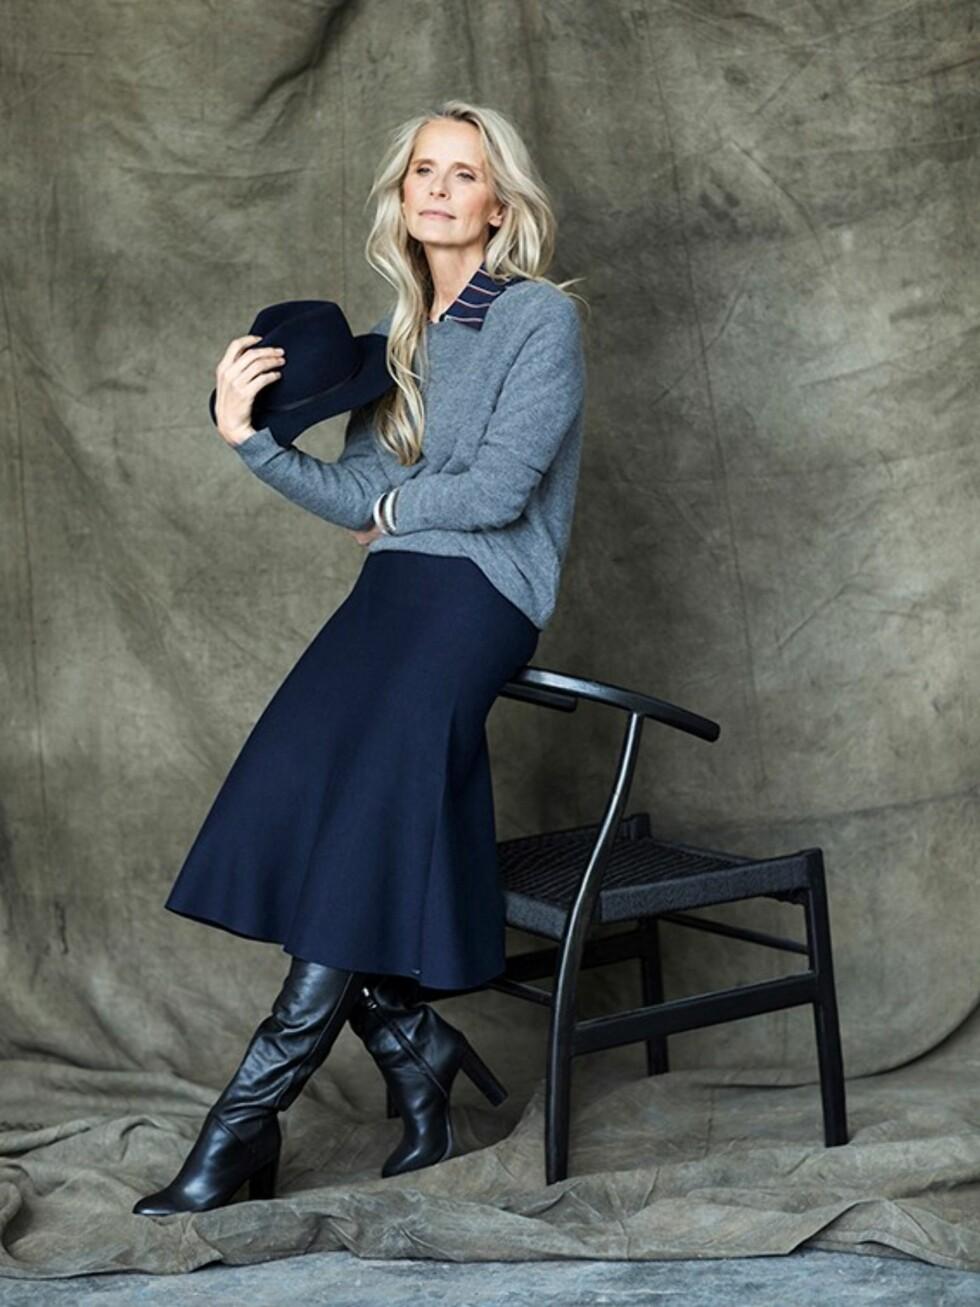 ERFAREN: Torun Johansson Delhalle startet modellkarrieren i Paris som 17-åring. Etter at hun fylte 50 år ble hun kontaktet av flere agenturer som ville ha henne med på laget igjen. Foto: Daniela Ferro